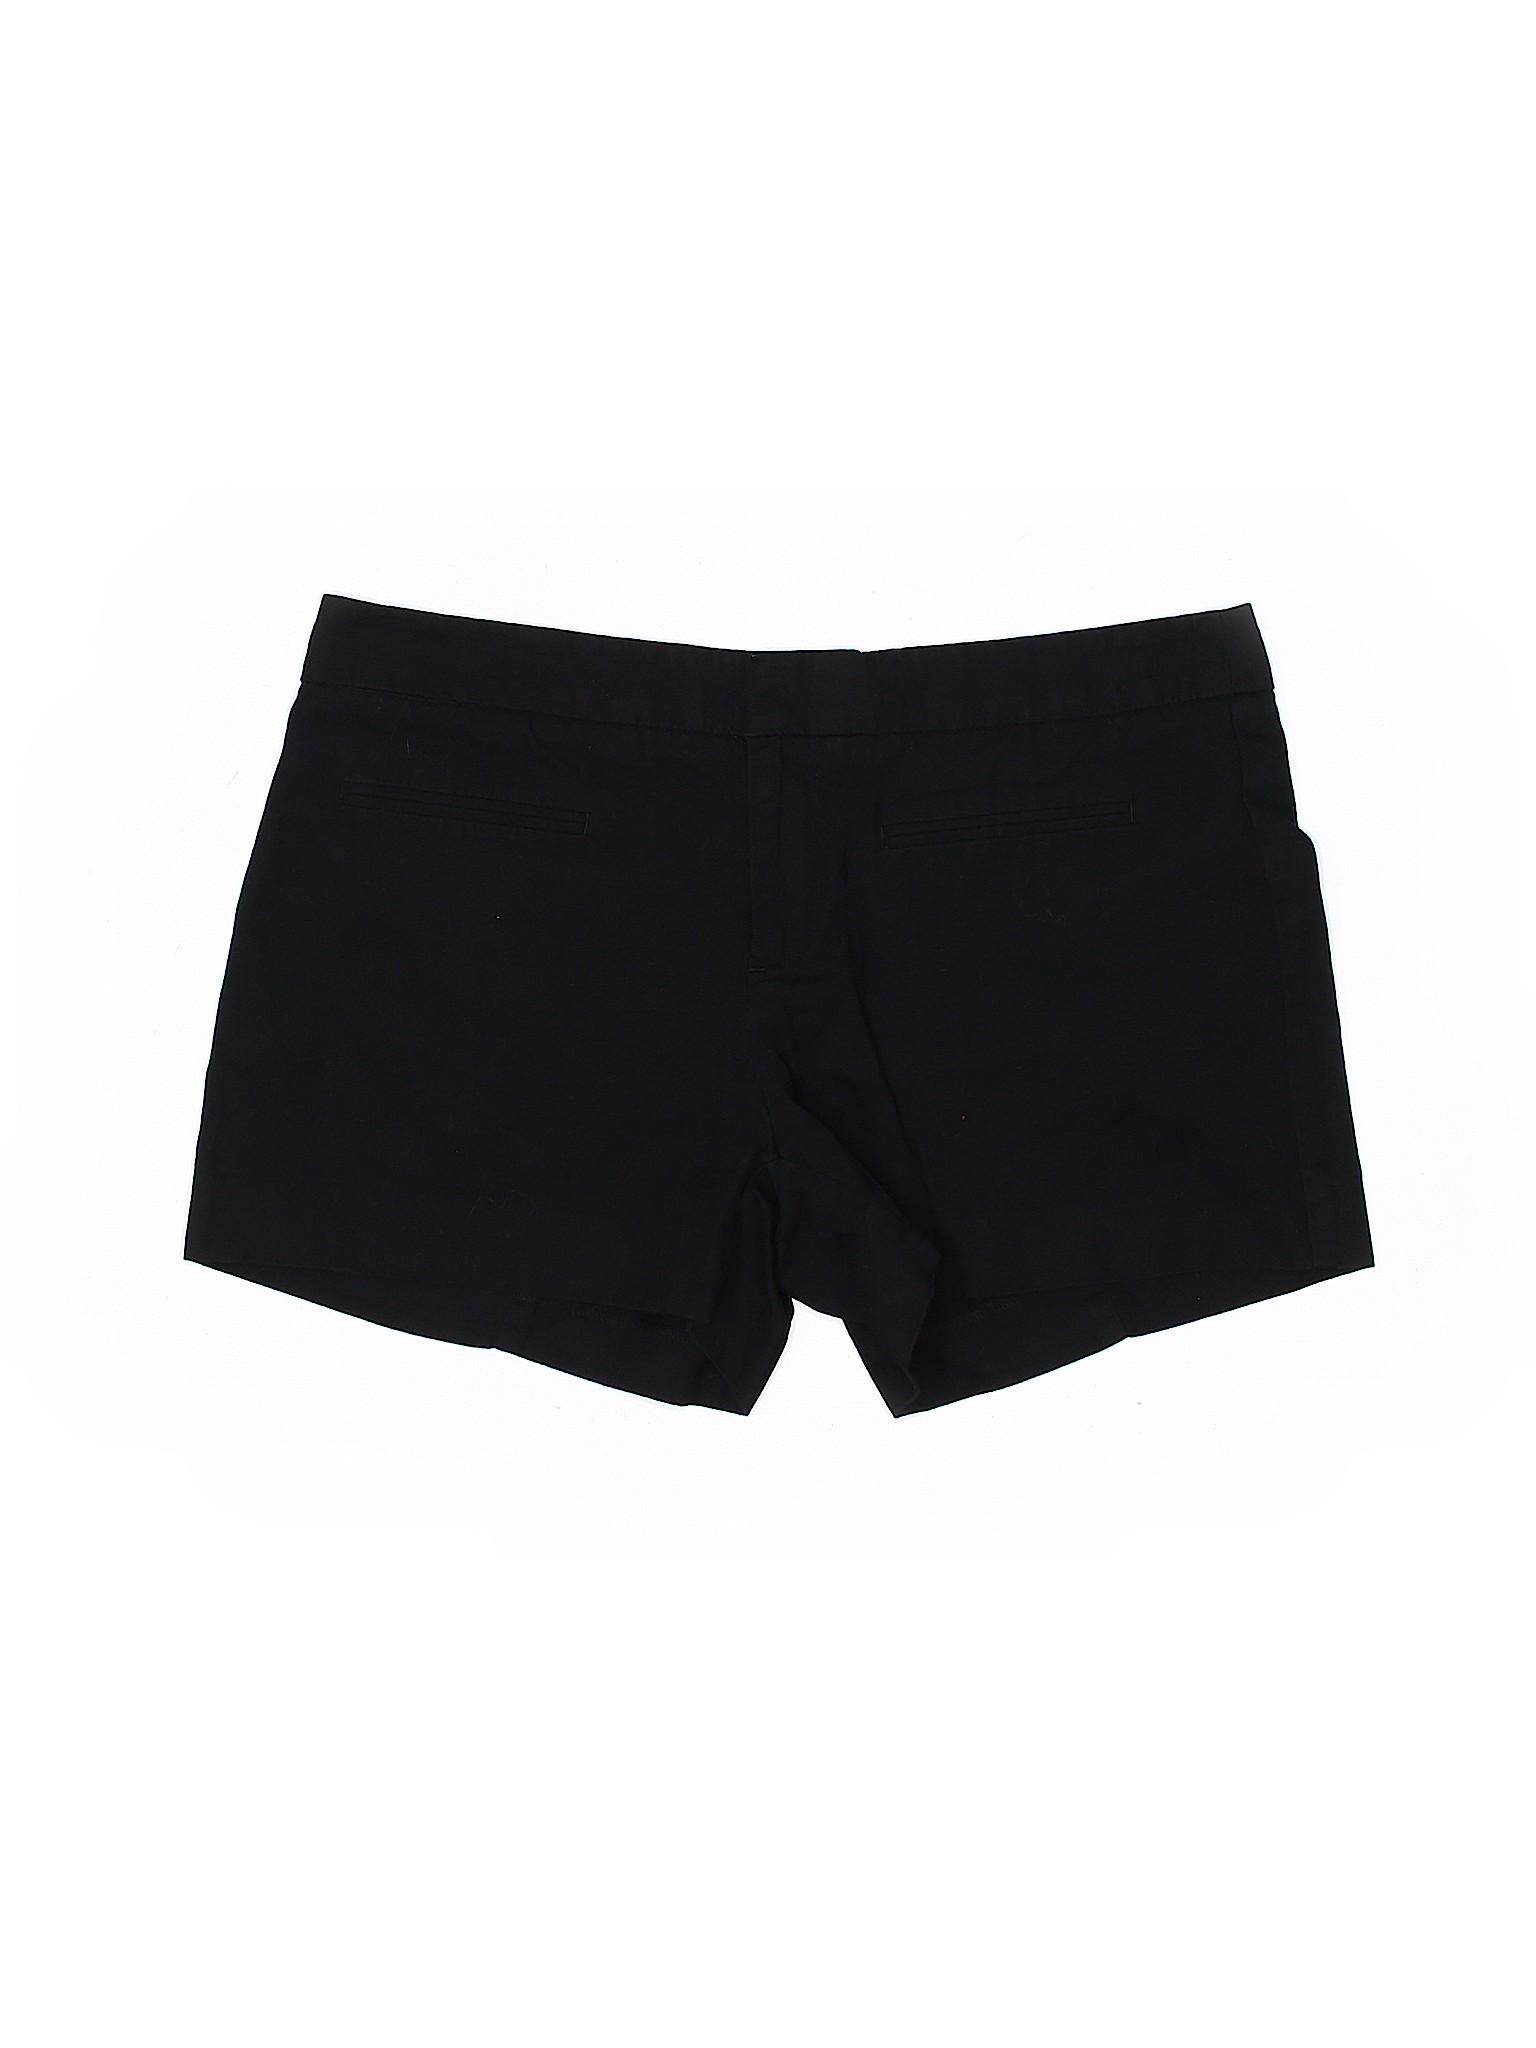 Boutique Shorts Boutique Gap Gap Shorts leisure leisure rwSqYr4x